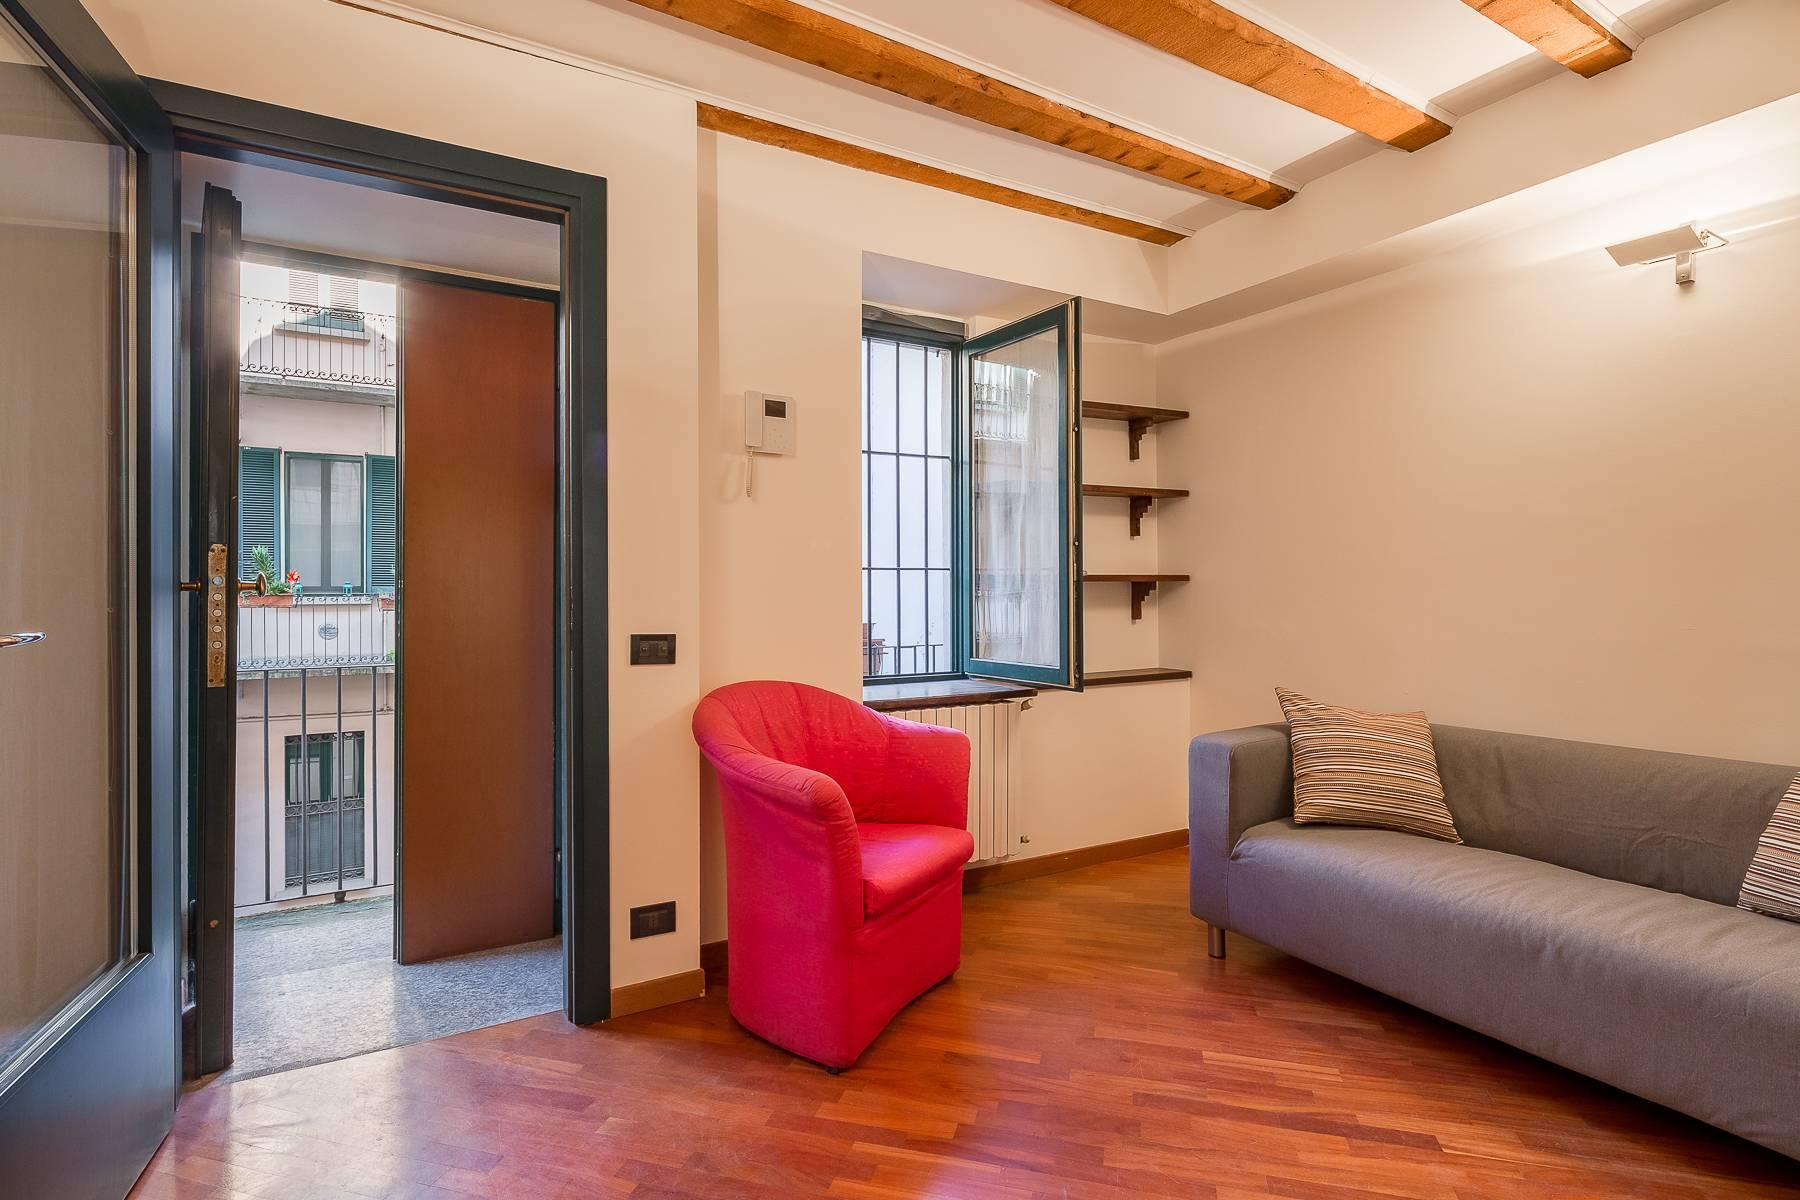 Renovierte Zwei-zimmer wohnung im Stadtviertel Navigli - 5